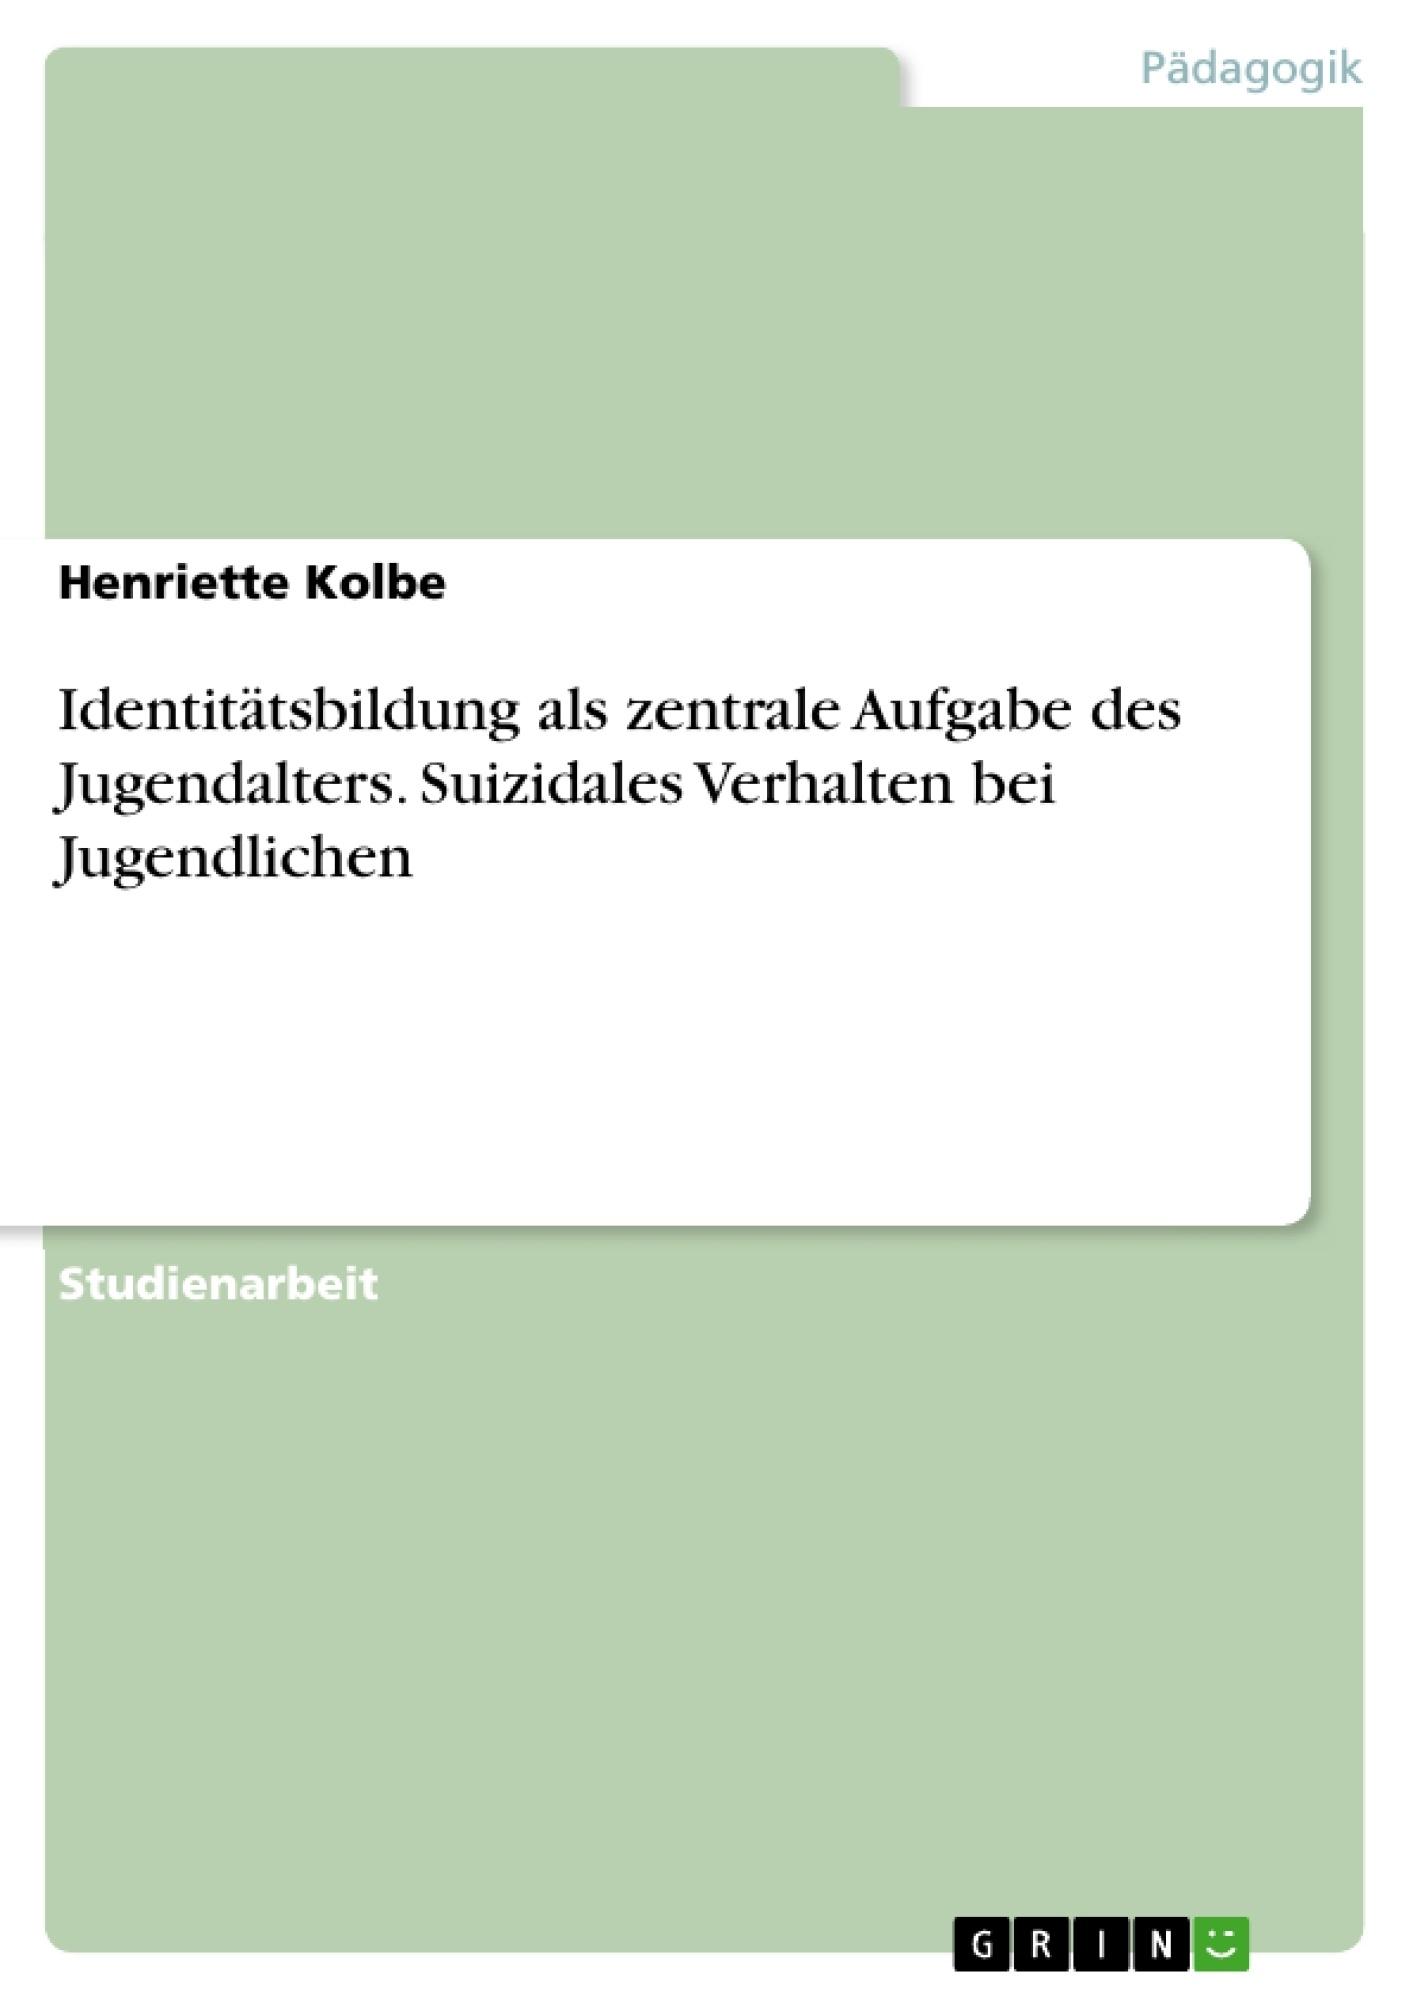 Titel: Identitätsbildung  als zentrale Aufgabe des Jugendalters. Suizidales Verhalten bei Jugendlichen